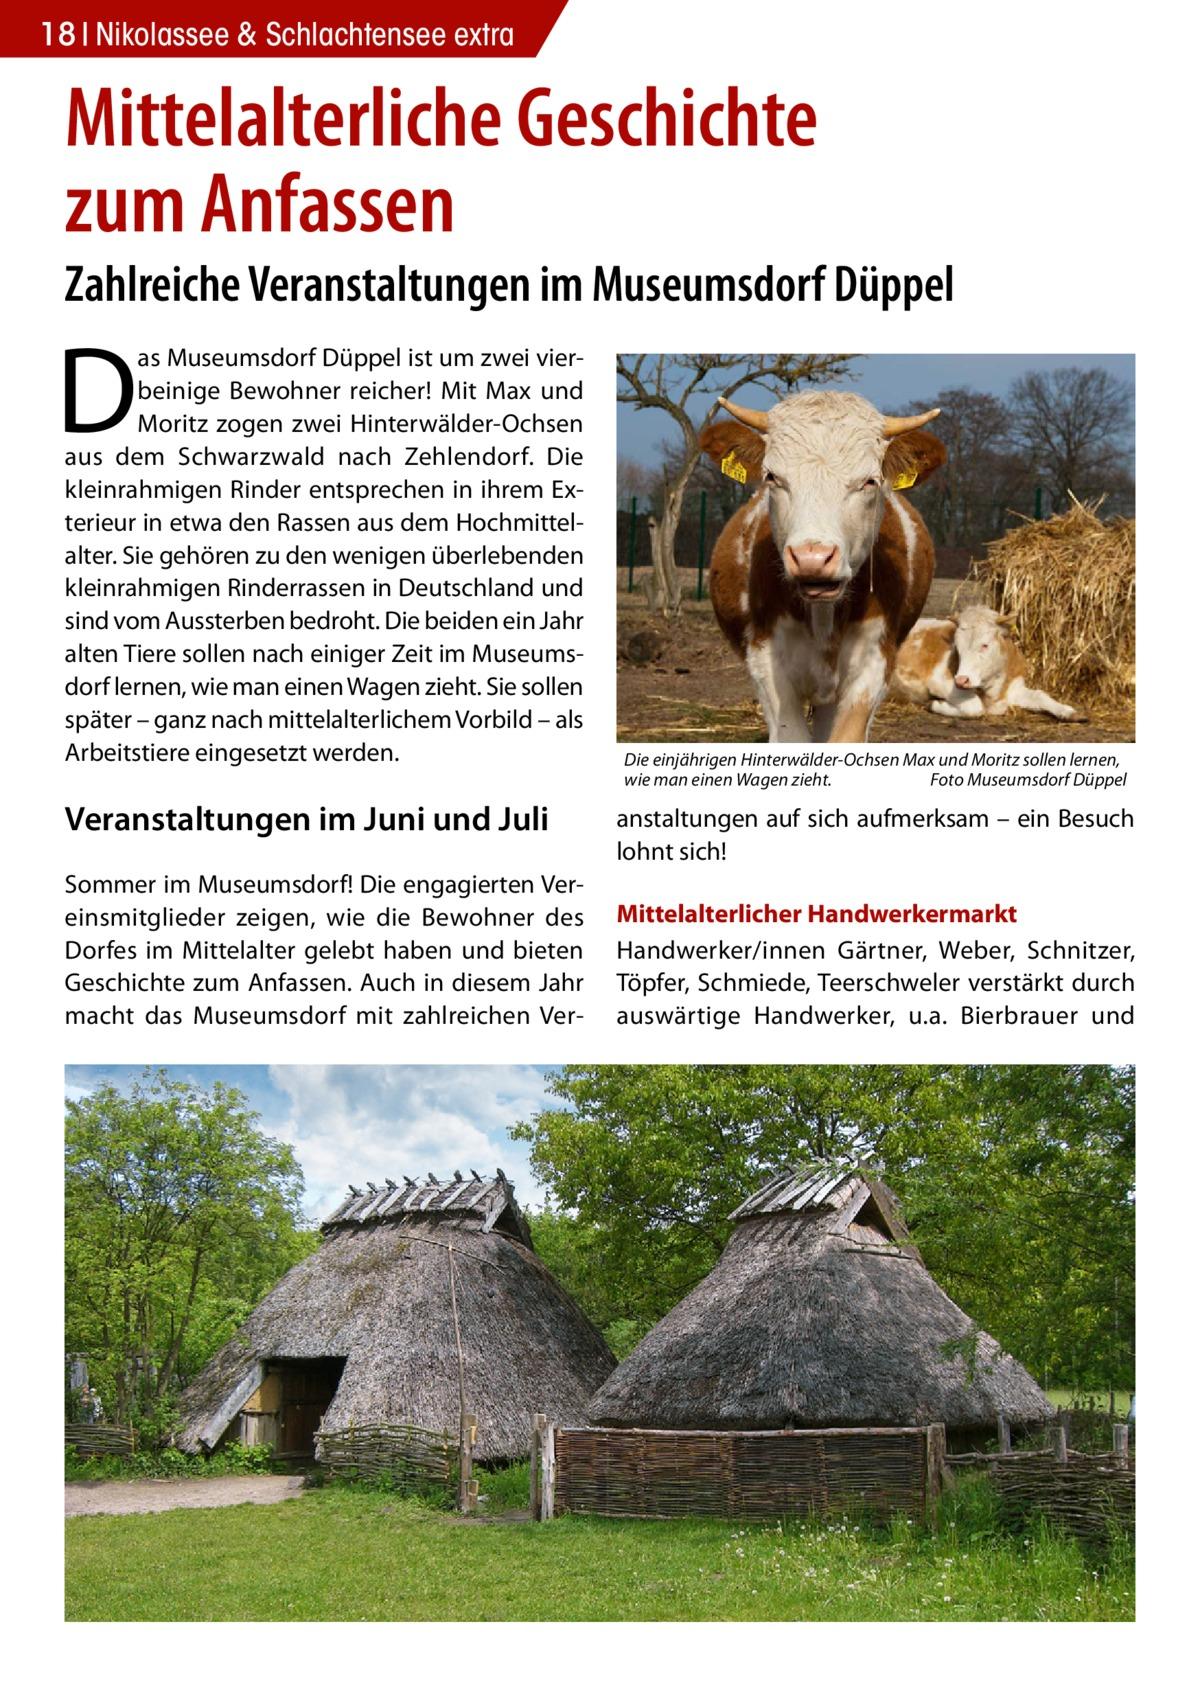 18 Nikolassee & Schlachtensee extra  Mittelalterliche Geschichte zum Anfassen  Zahlreiche Veranstaltungen im Museumsdorf Düppel  D  as Museumsdorf Düppel ist um zwei vierbeinige Bewohner reicher! Mit Max und Moritz zogen zwei Hinterwälder-Ochsen aus dem Schwarzwald nach Zehlendorf. Die kleinrahmigen Rinder entsprechen in ihrem Exterieur in etwa den Rassen aus dem Hochmittelalter. Sie gehören zu den wenigen überlebenden kleinrahmigen Rinderrassen in Deutschland und sind vom Aussterben bedroht. Die beiden ein Jahr alten Tiere sollen nach einiger Zeit im Museumsdorf lernen, wie man einen Wagen zieht. Sie sollen später – ganz nach mittelalterlichem Vorbild – als Arbeitstiere eingesetzt werden.  Veranstaltungen im Juni und Juli Sommer im Museumsdorf! Die engagierten Vereinsmitglieder zeigen, wie die Bewohner des Dorfes im Mittelalter gelebt haben und bieten Geschichte zum Anfassen. Auch in diesem Jahr macht das Museumsdorf mit zahlreichen Ver Die einjährigen Hinterwälder-Ochsen Max und Moritz sollen lernen, wie man einen Wagen zieht. � Foto Museumsdorf Düppel  anstaltungen auf sich aufmerksam – ein Besuch lohnt sich! Mittelalterlicher Handwerkermarkt Handwerker/innen Gärtner, Weber, Schnitzer, Töpfer, Schmiede, Teerschweler verstärkt durch auswärtige Handwerker, u.a. Bierbrauer und